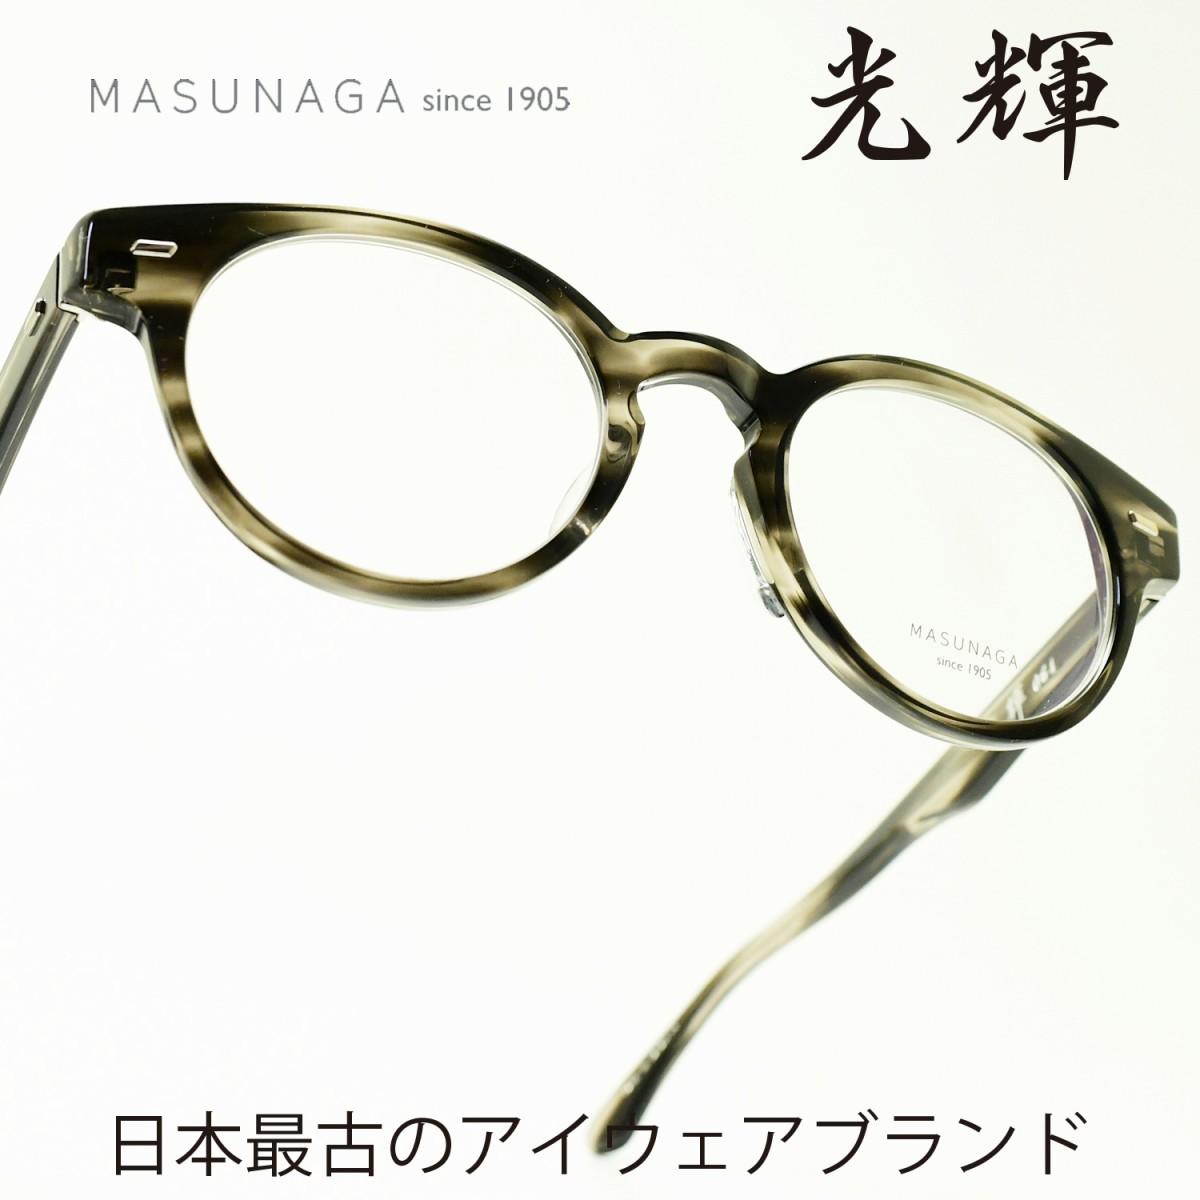 増永眼鏡 MASUNAGA光輝 064 col-34 GREYメガネ 眼鏡 めがね メンズ レディース おしゃれブランド 人気 おすすめ フレーム 流行り 度付き レンズ